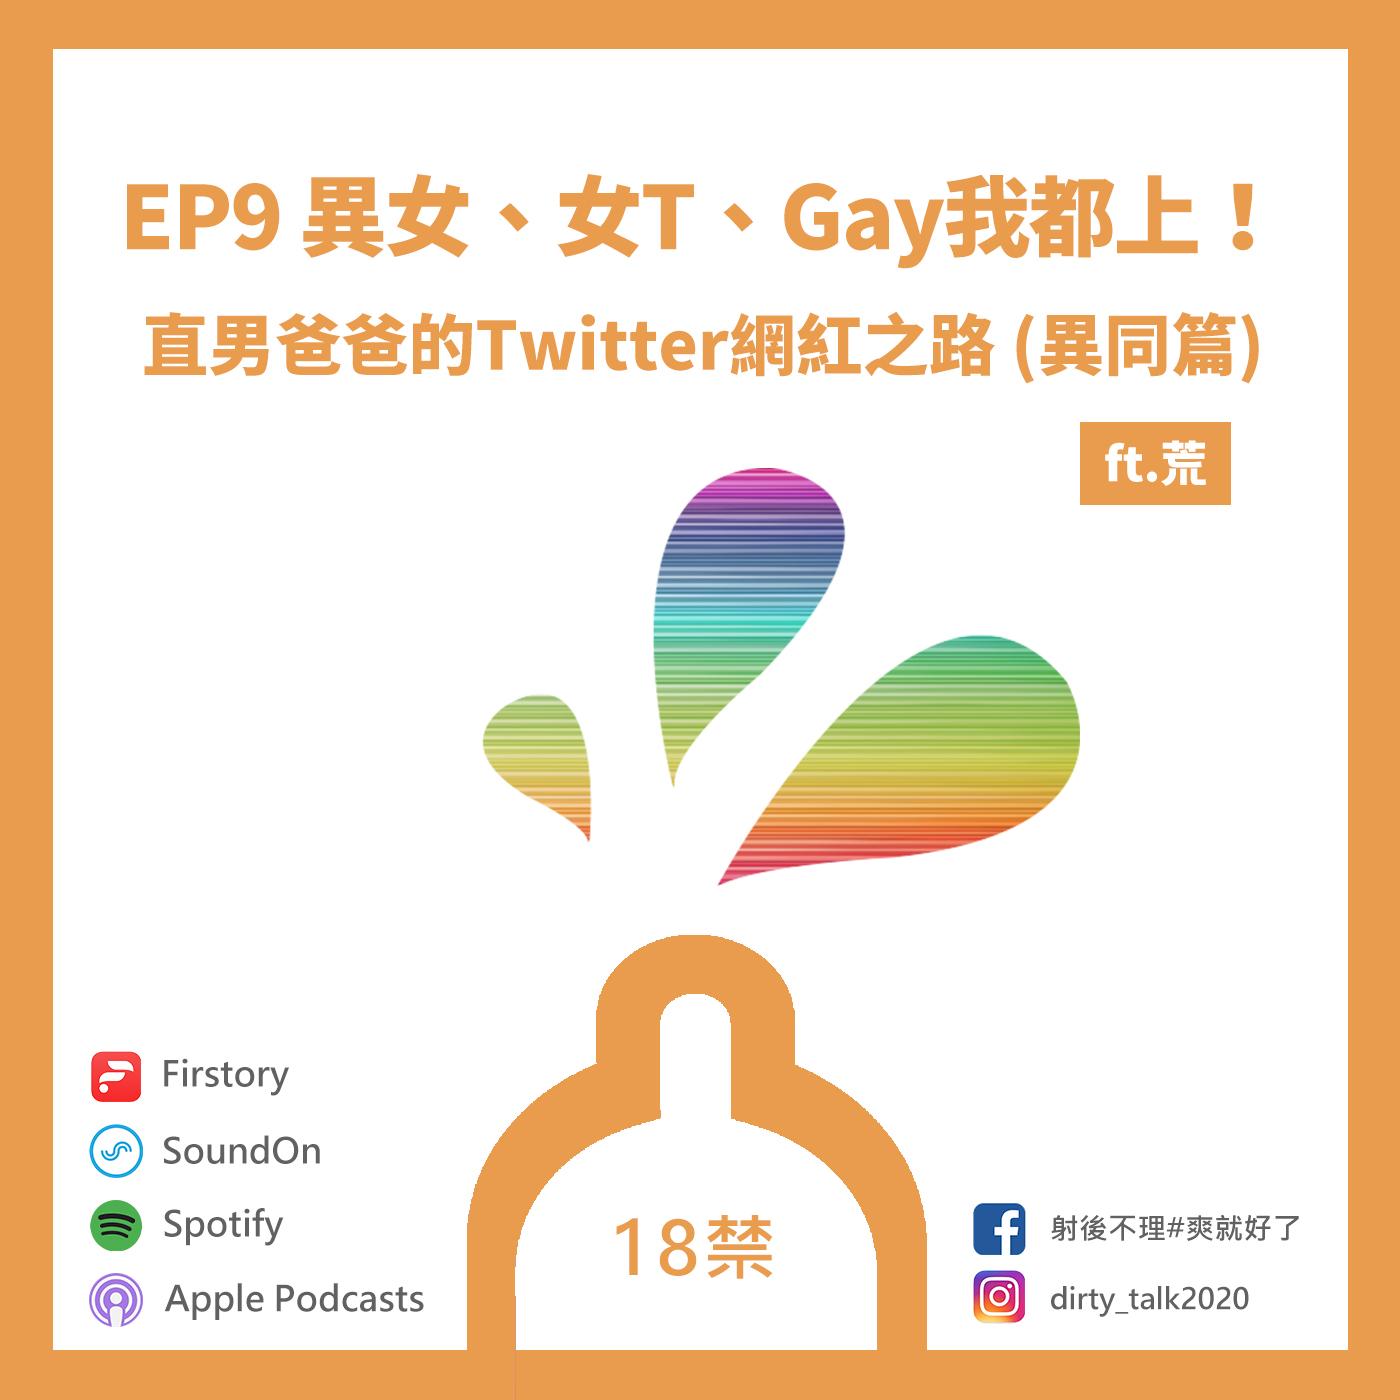 EP9 異女、女T、Gay我都上!直男爸爸的Twitter網紅之路 Feat.荒